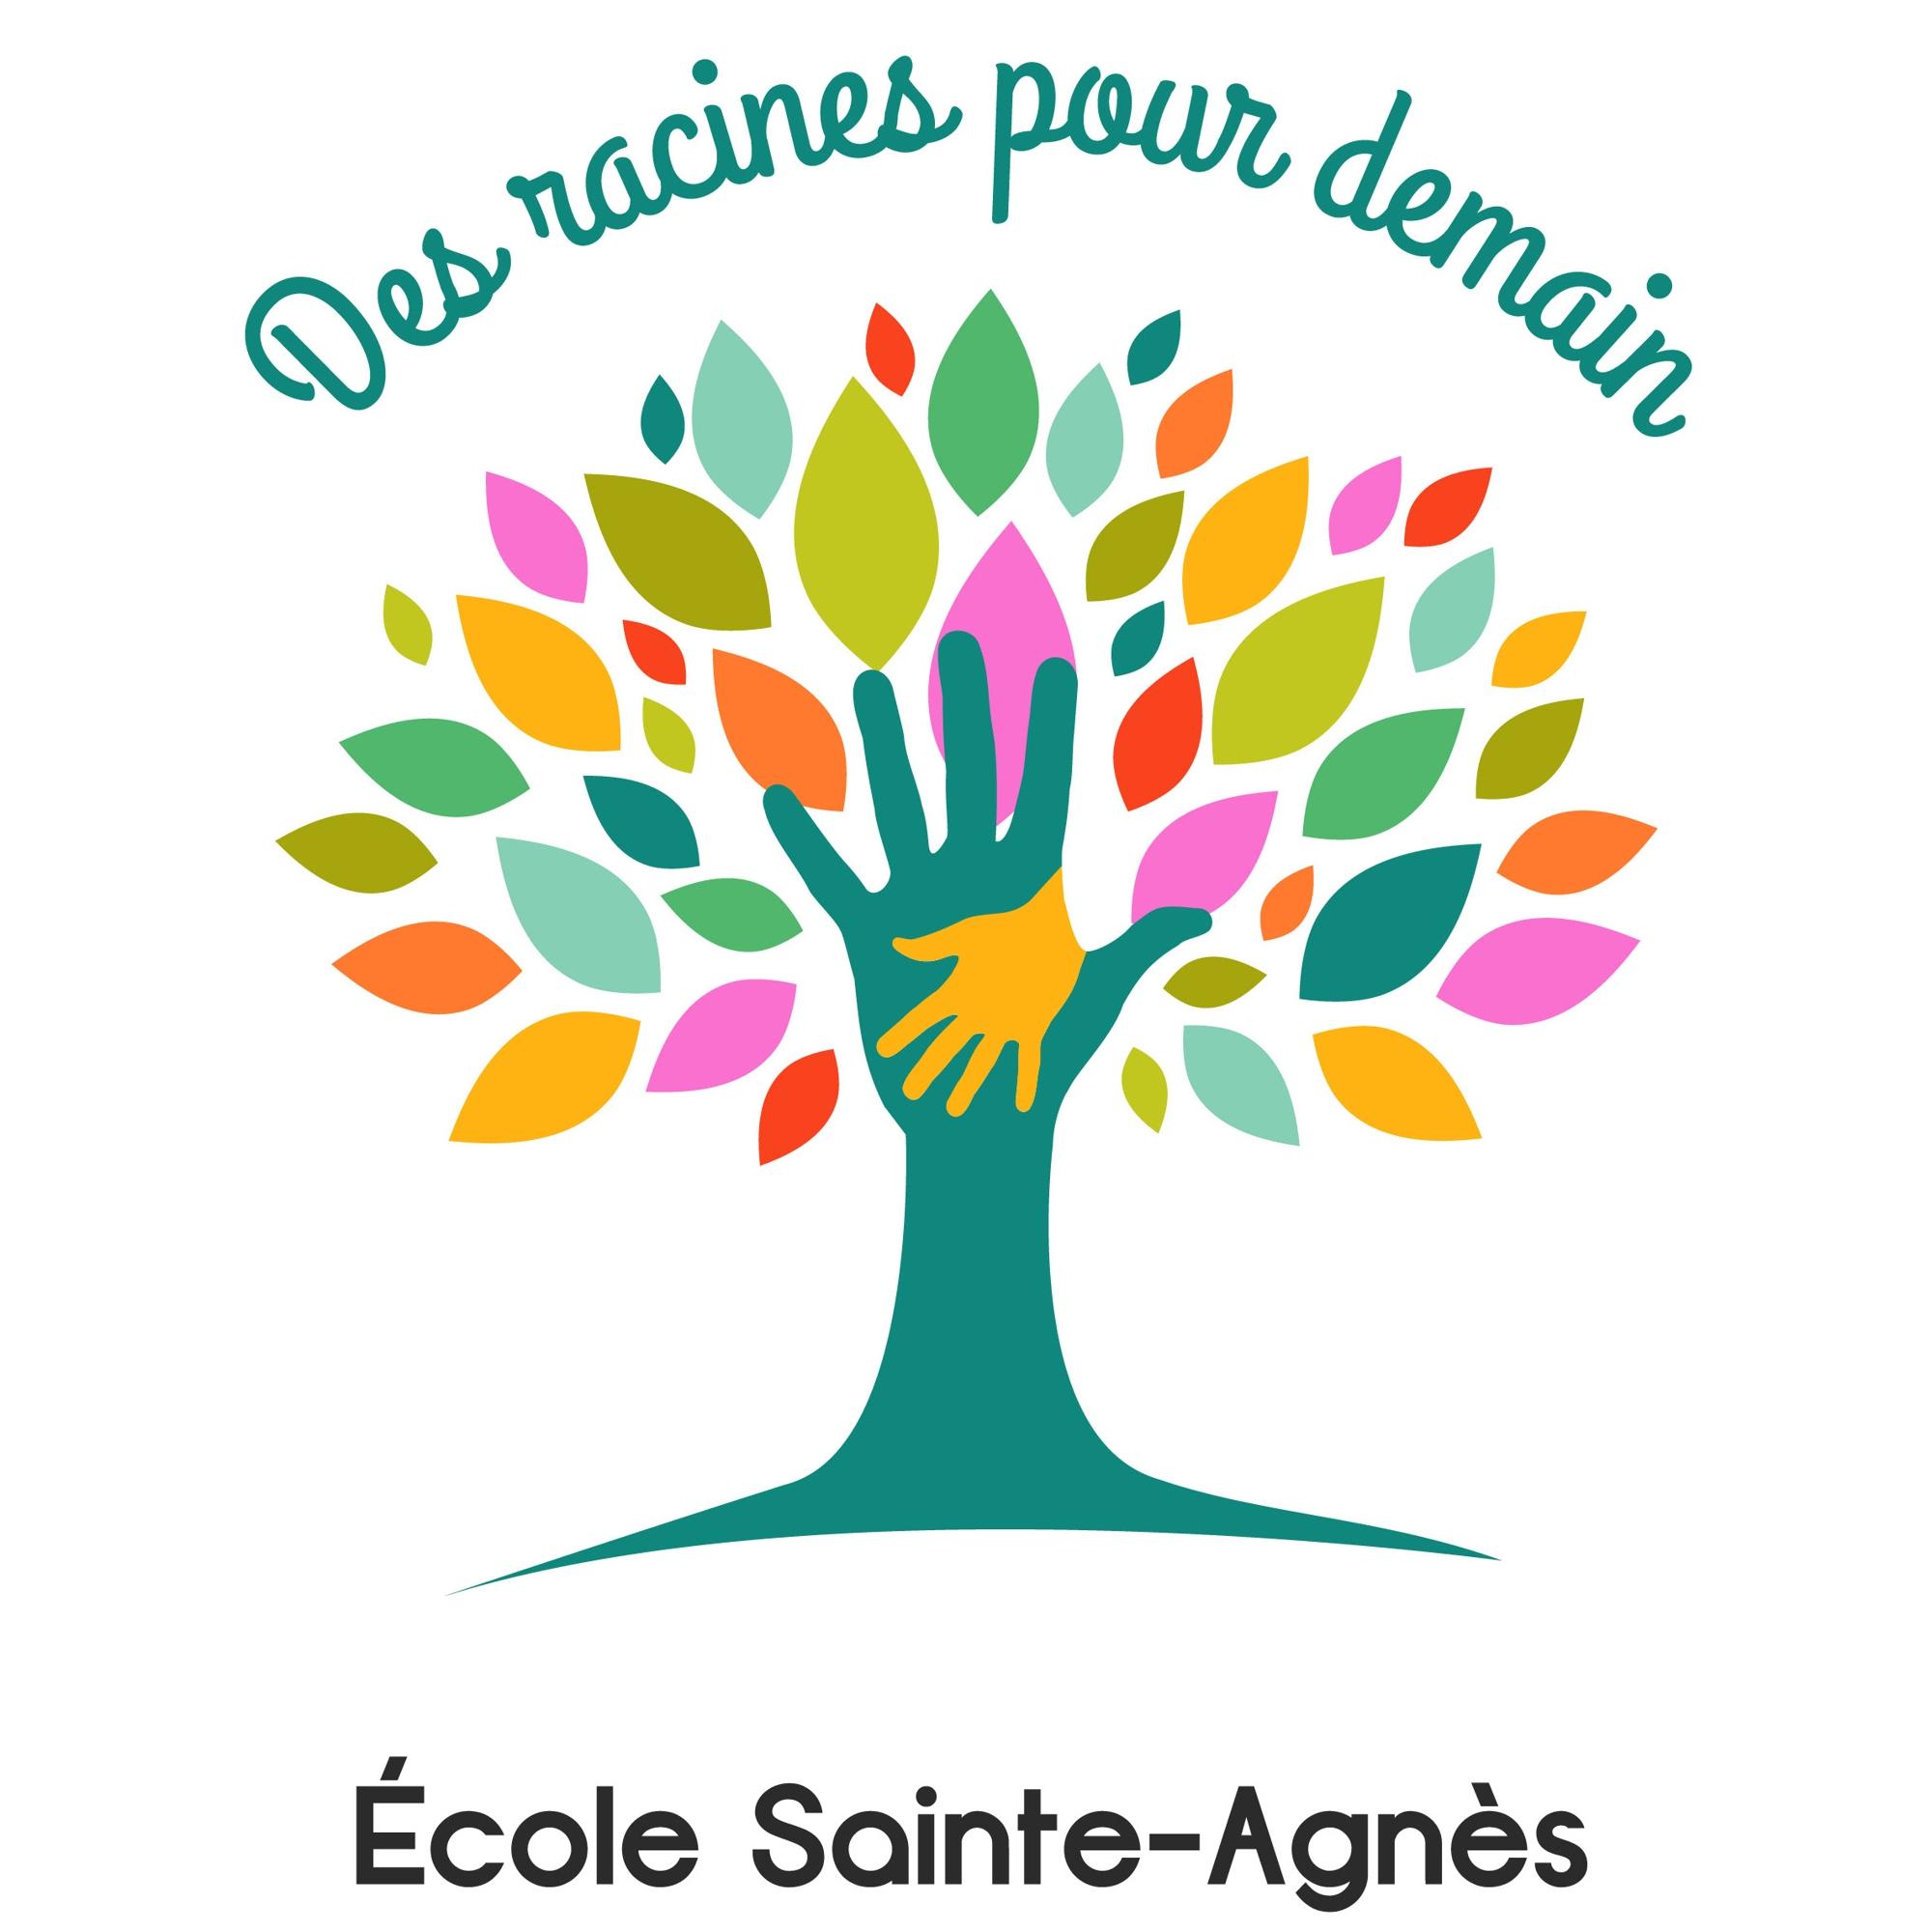 Ecole Sainte Agnès